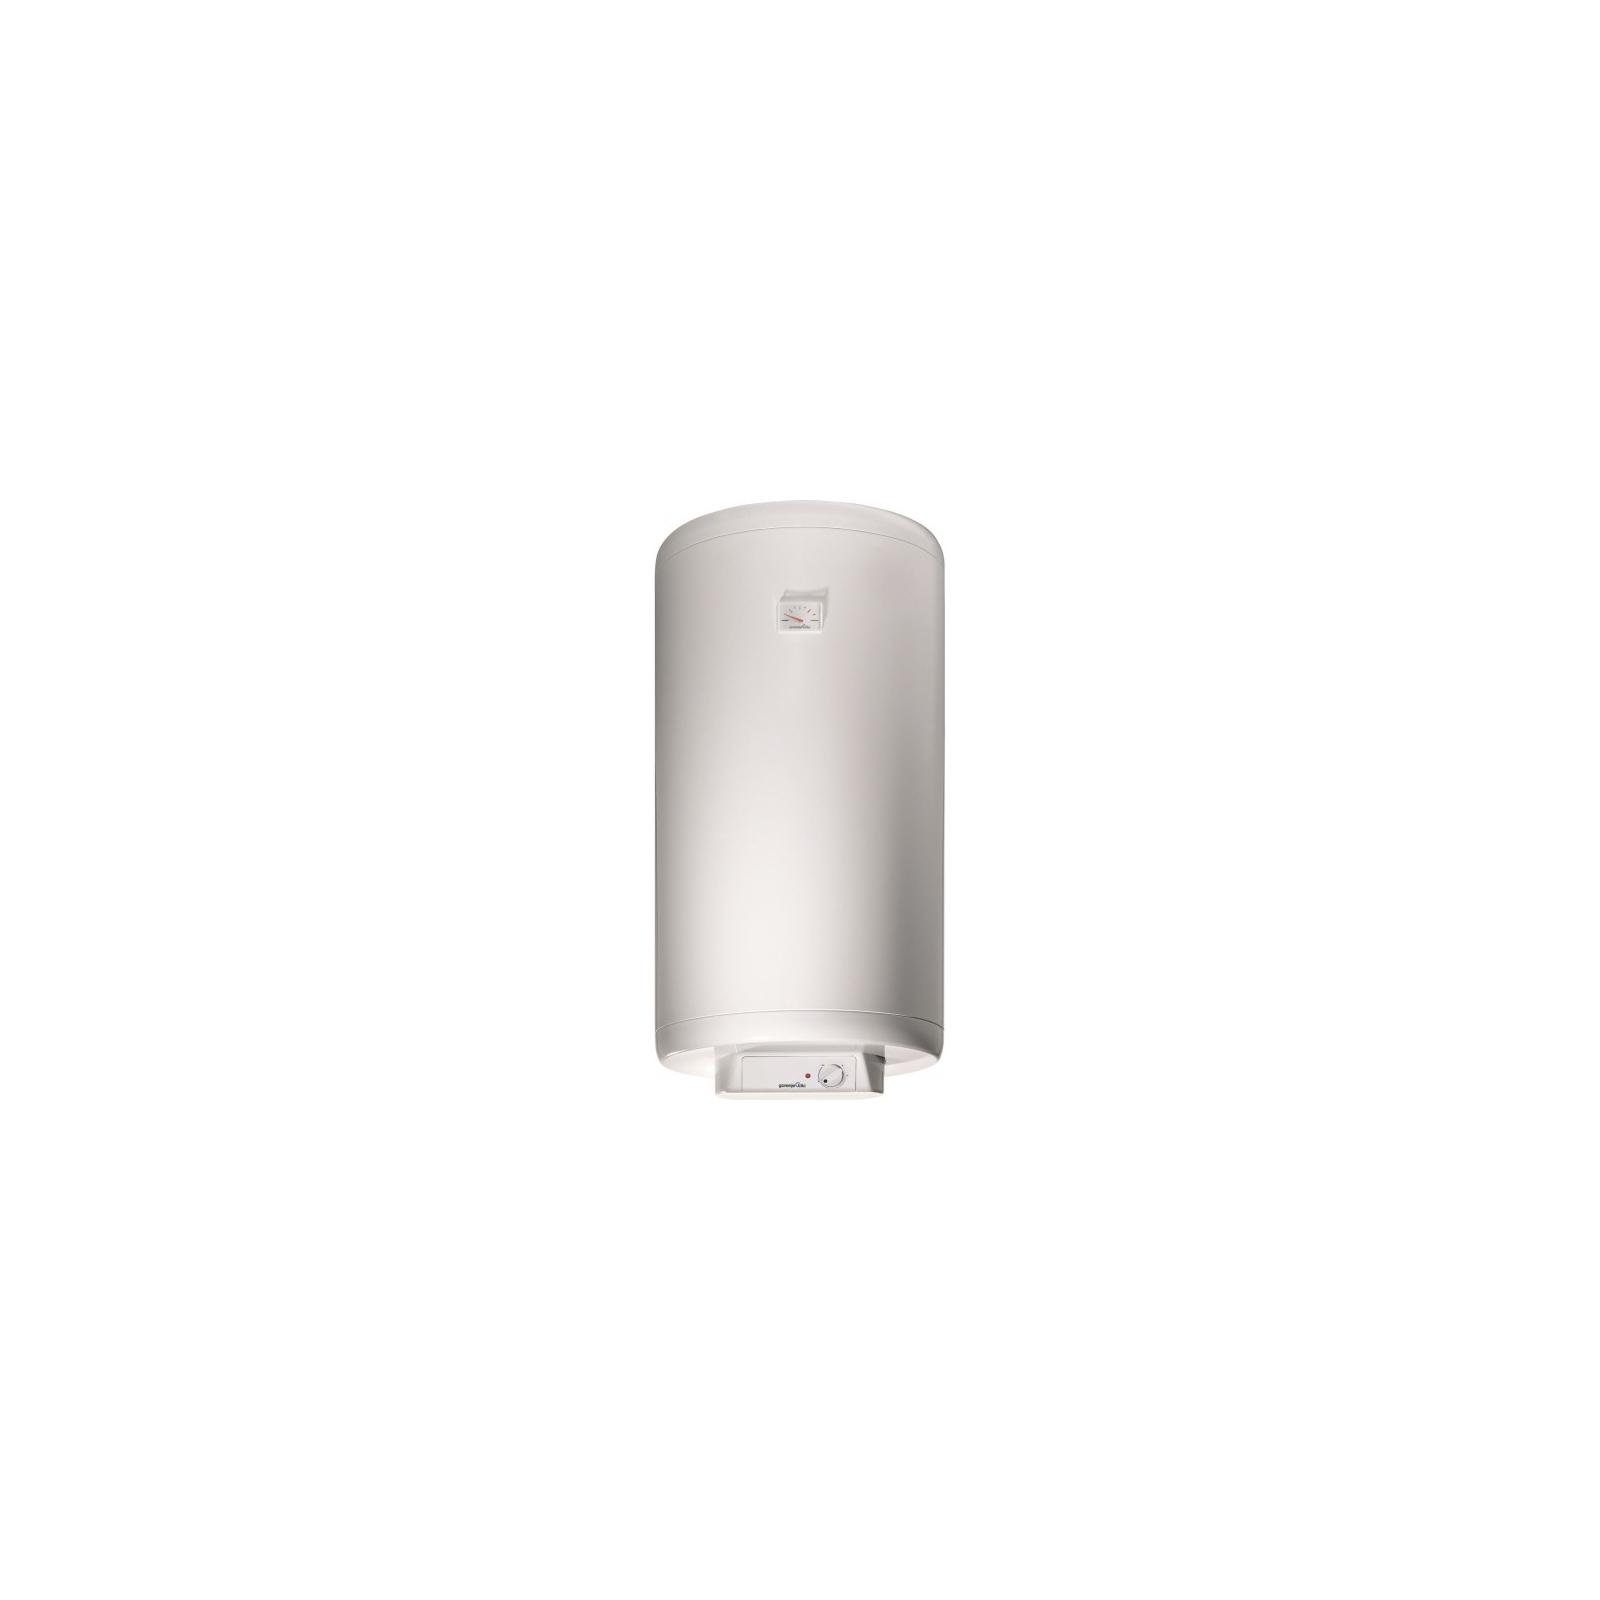 Бойлер косвенного нагрева Gorenje GBK 150 LN/V9 (GBK150LN/V9)